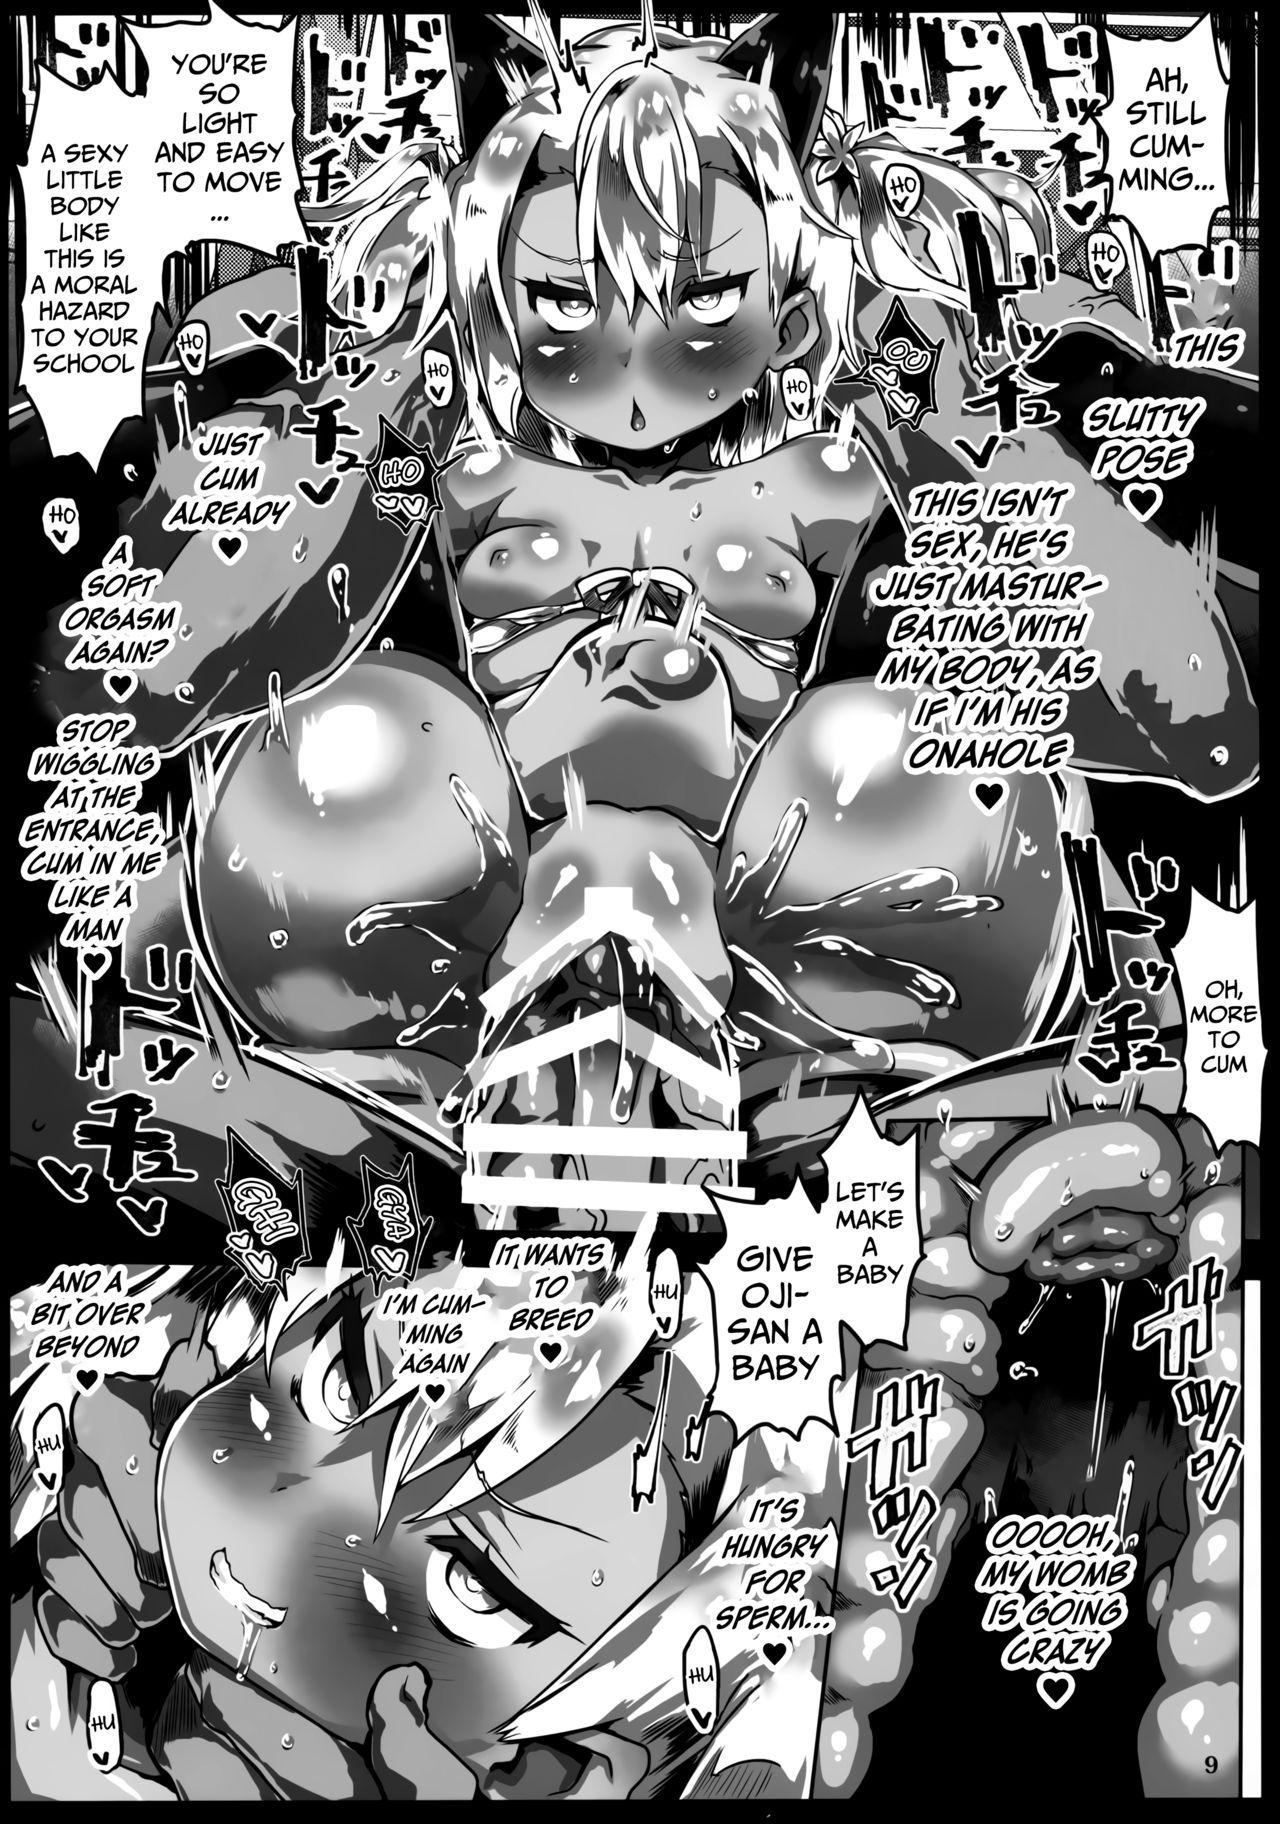 24-jikan Zu~tto Sudden Death de Risei o Girigiri Tamochinagara Otona Kaomake no Egui Sex 9